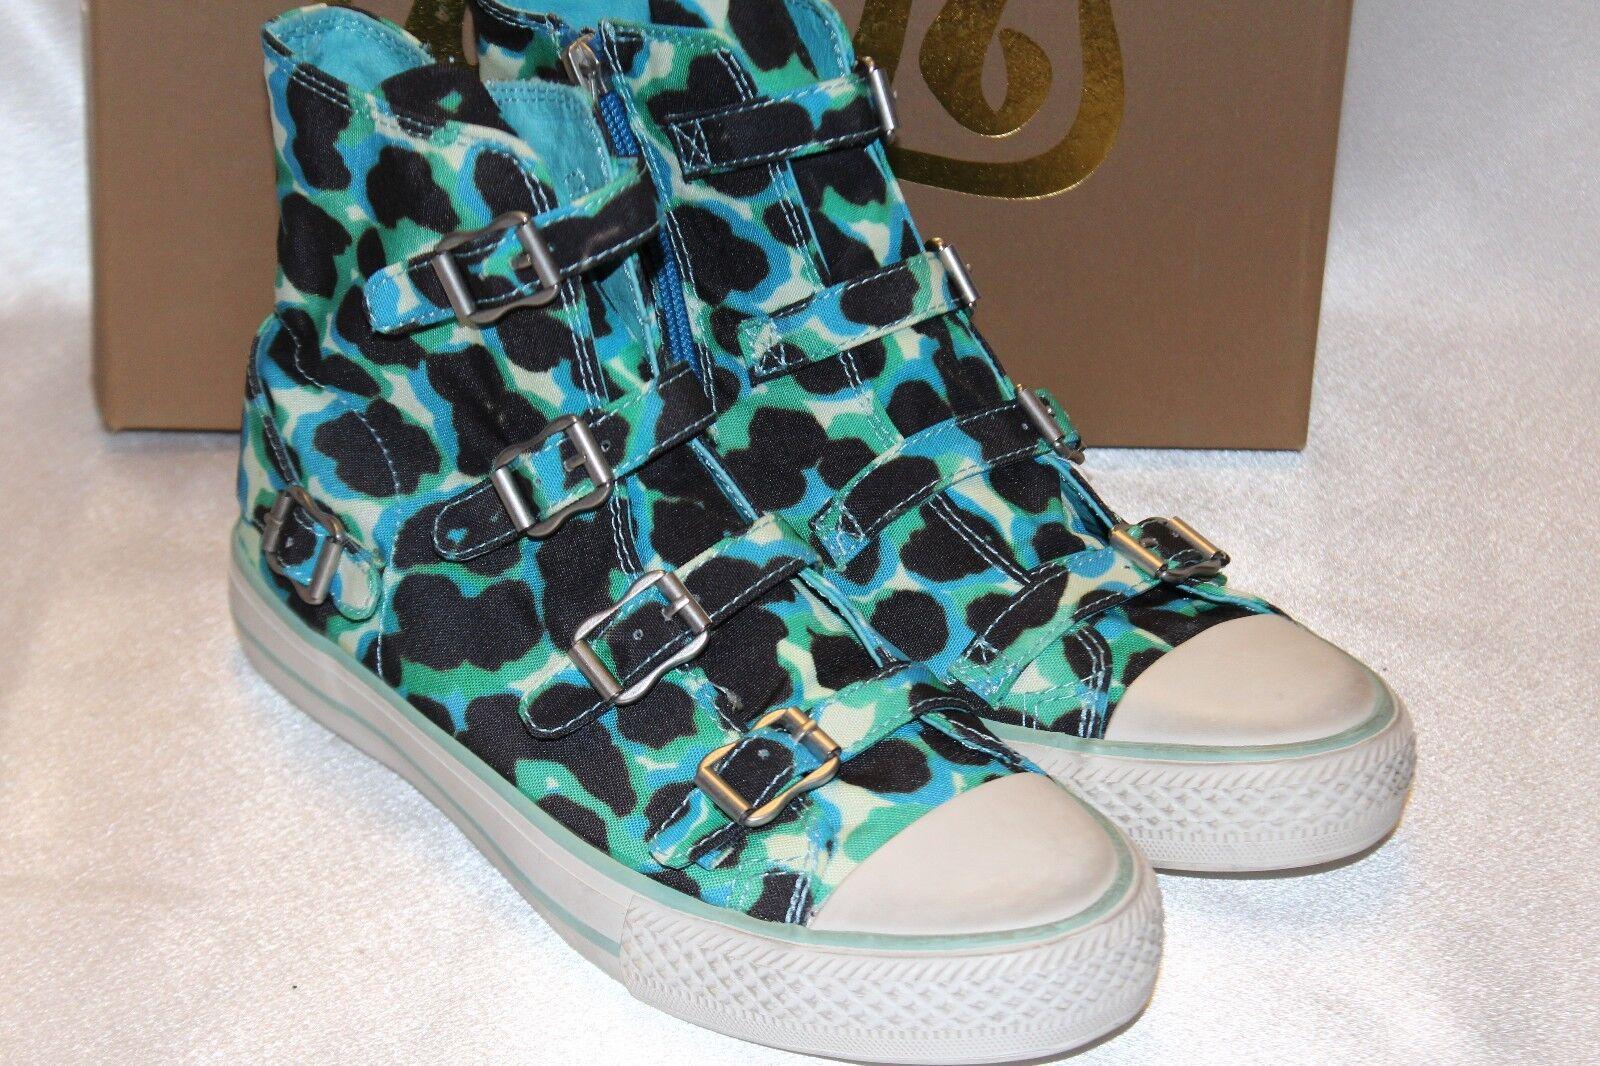 NEW NIB ASH bluee Green Jaguar Canvas VIRGIN BIS High High High Hi Top Buckle Sneaker Sz 9 a15473